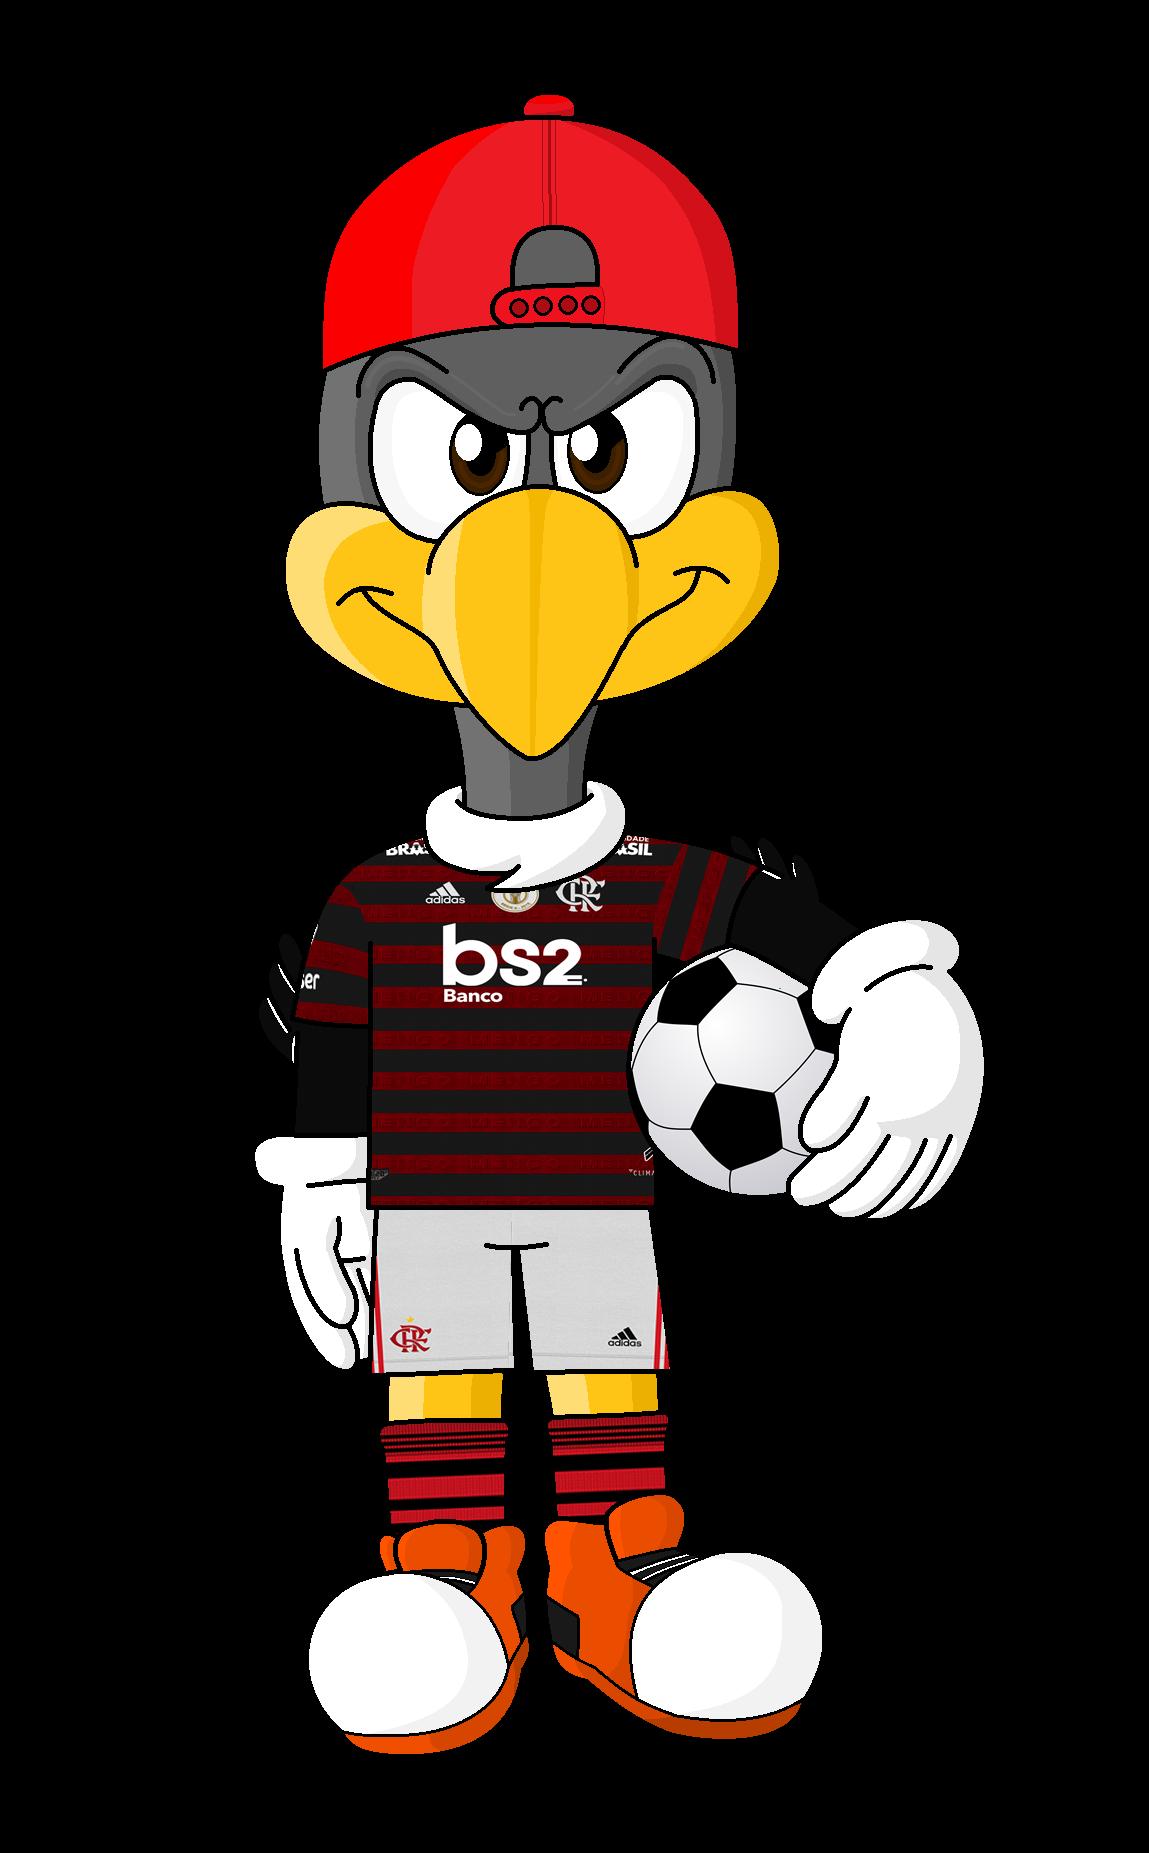 Urubu Flamengo Mascote Bart Simpson Anthro Simpson